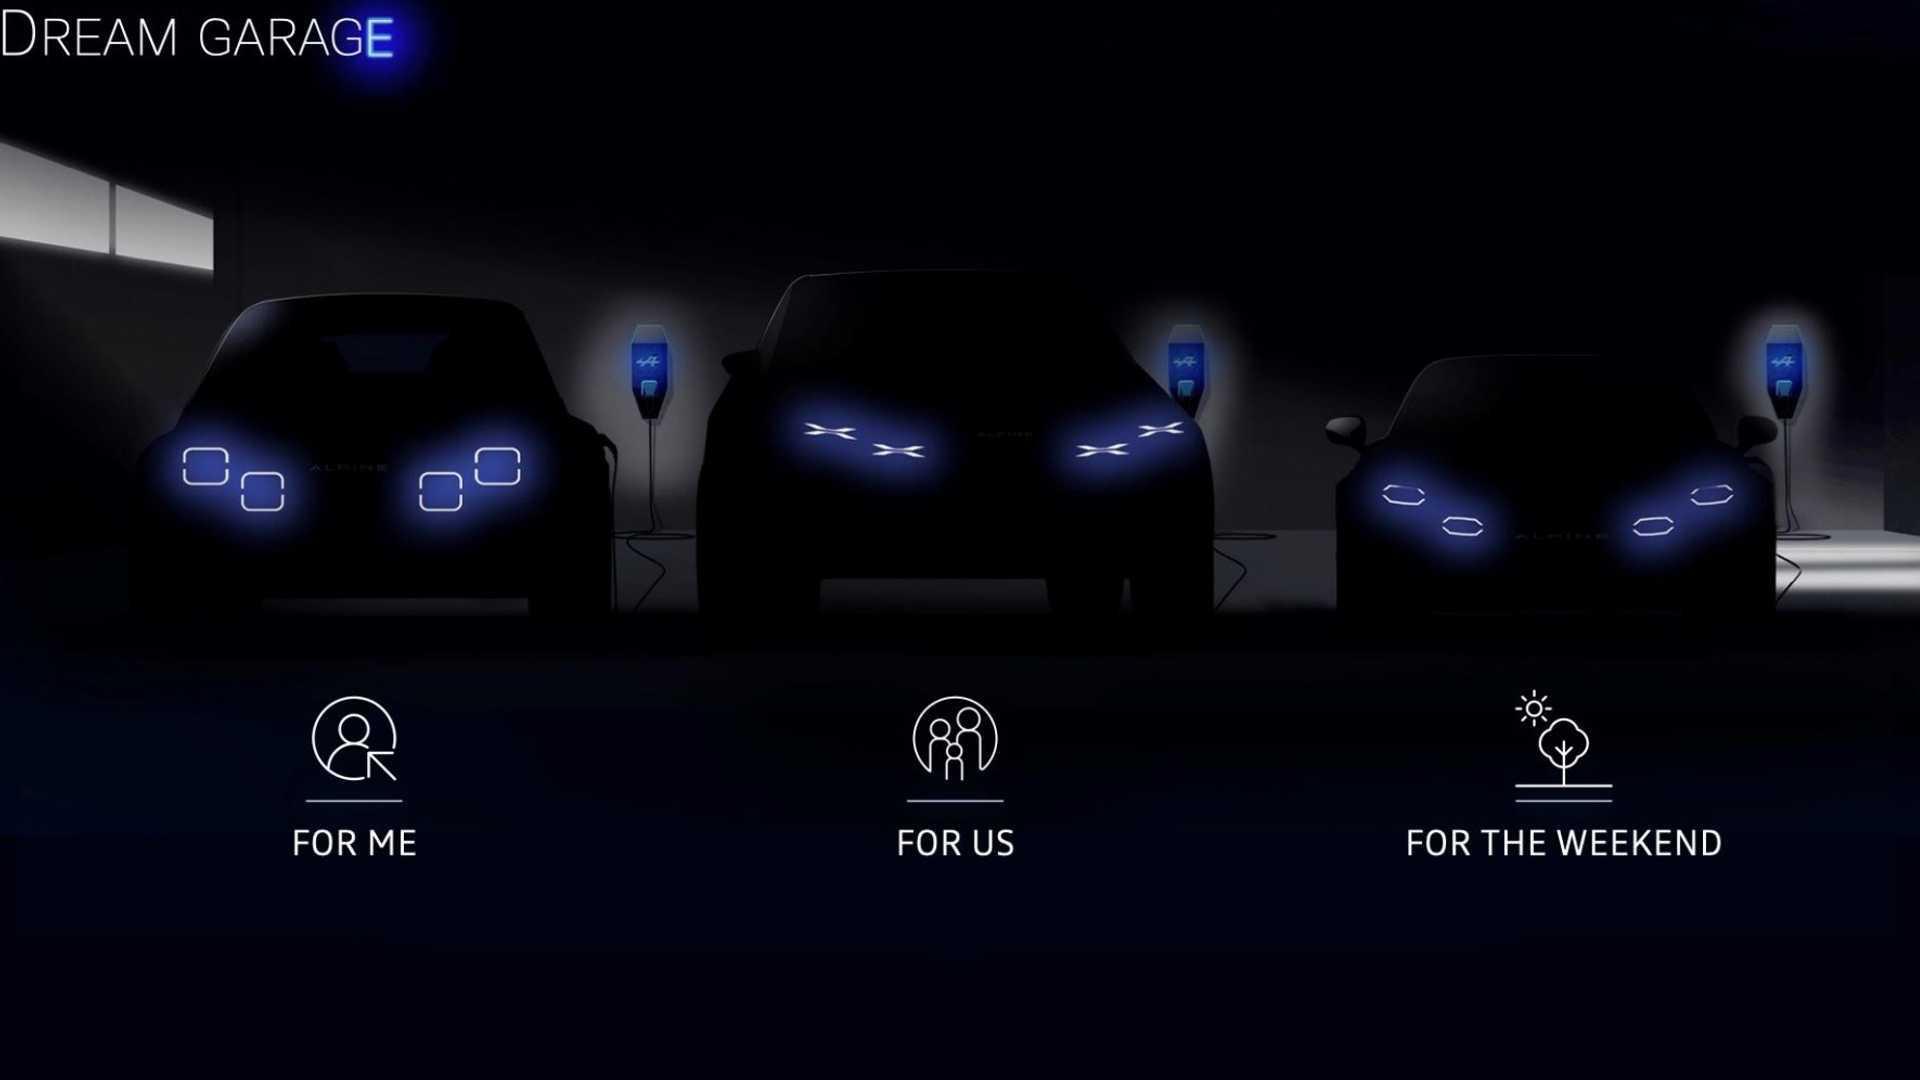 Alpine официально становится брендом электромобилей и объединяется с Lotus для создания спортивных электромобилей